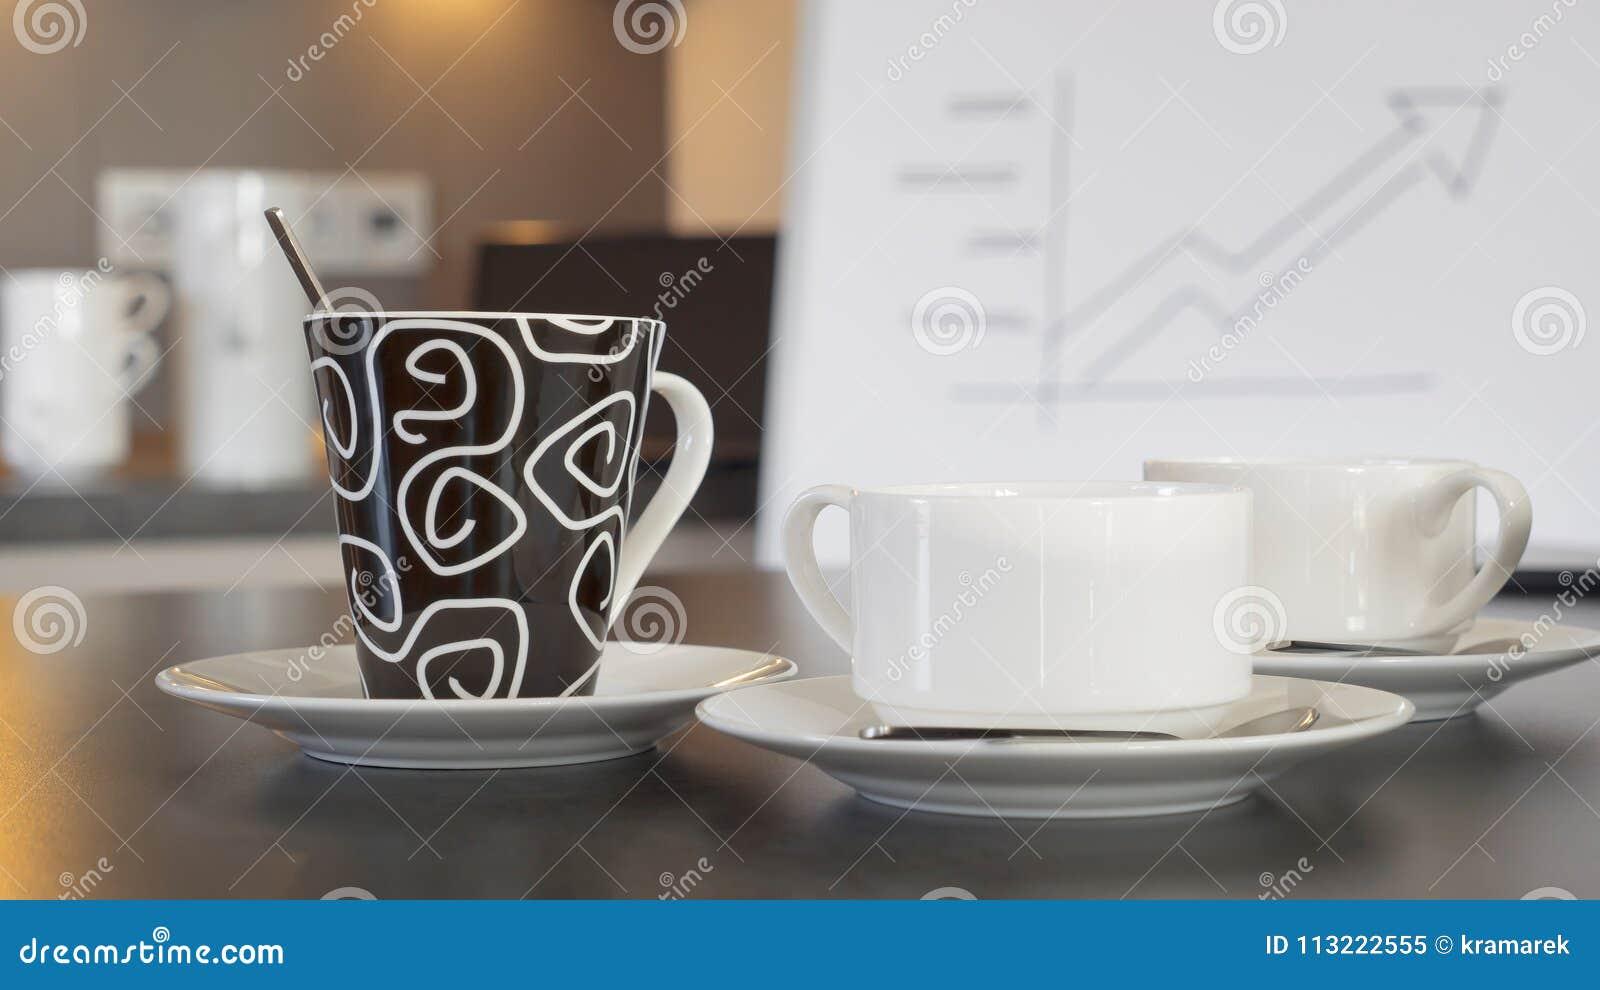 Credenza Con Tazze : Tazze di tè e del caffè su una credenza davanti ad un grafico